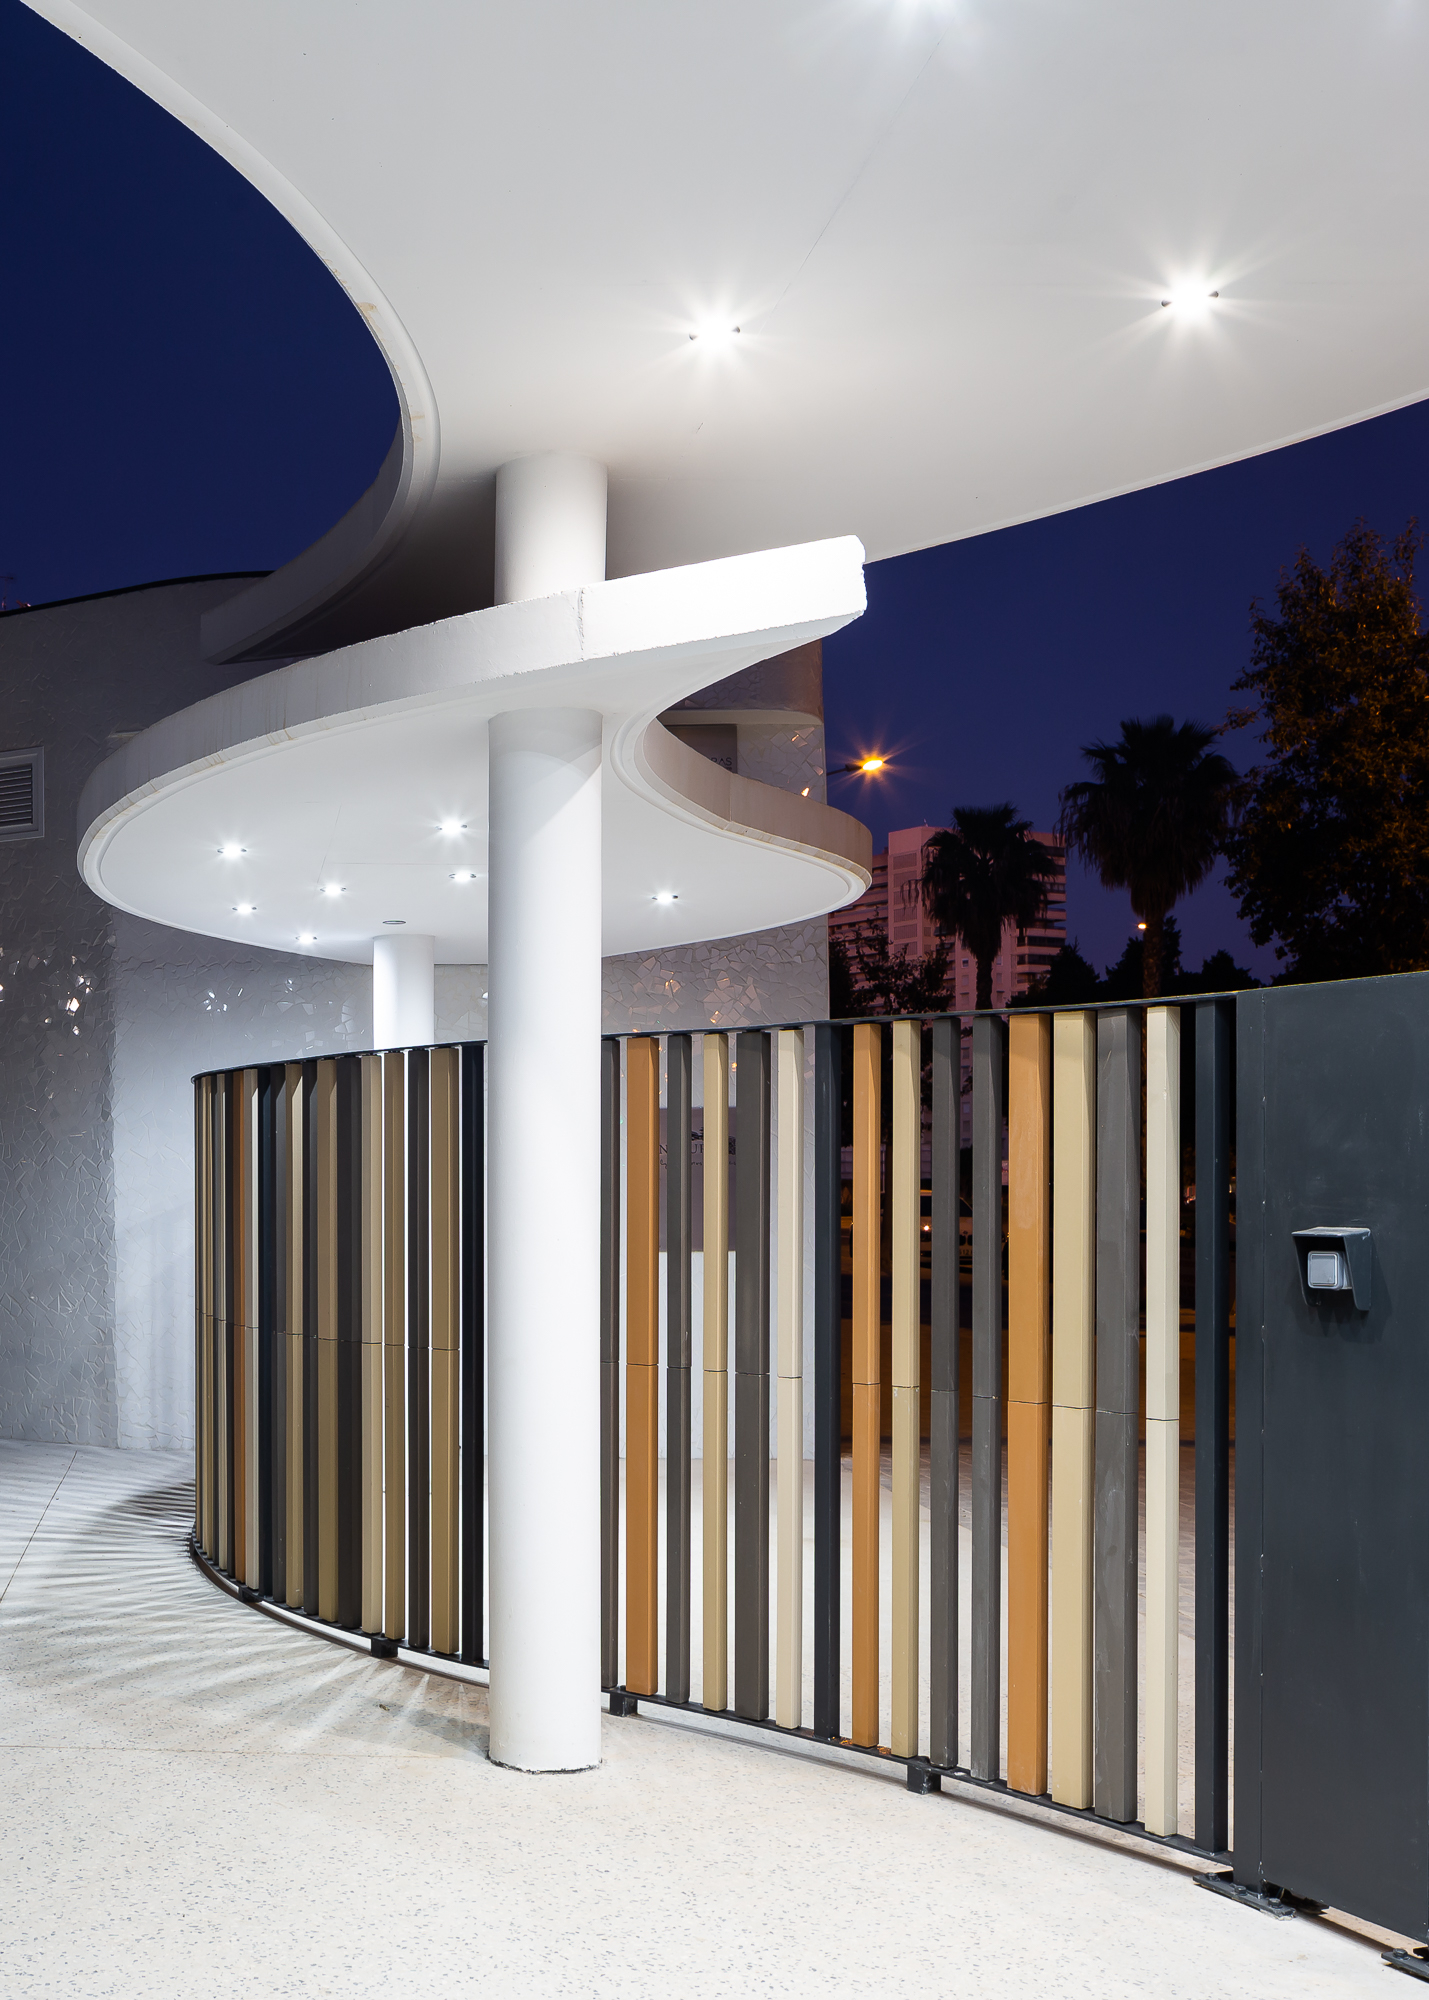 Entrada del residencial Nature by Kronos Homes en forma curvilínea con lamas cerámicas e iluminación.